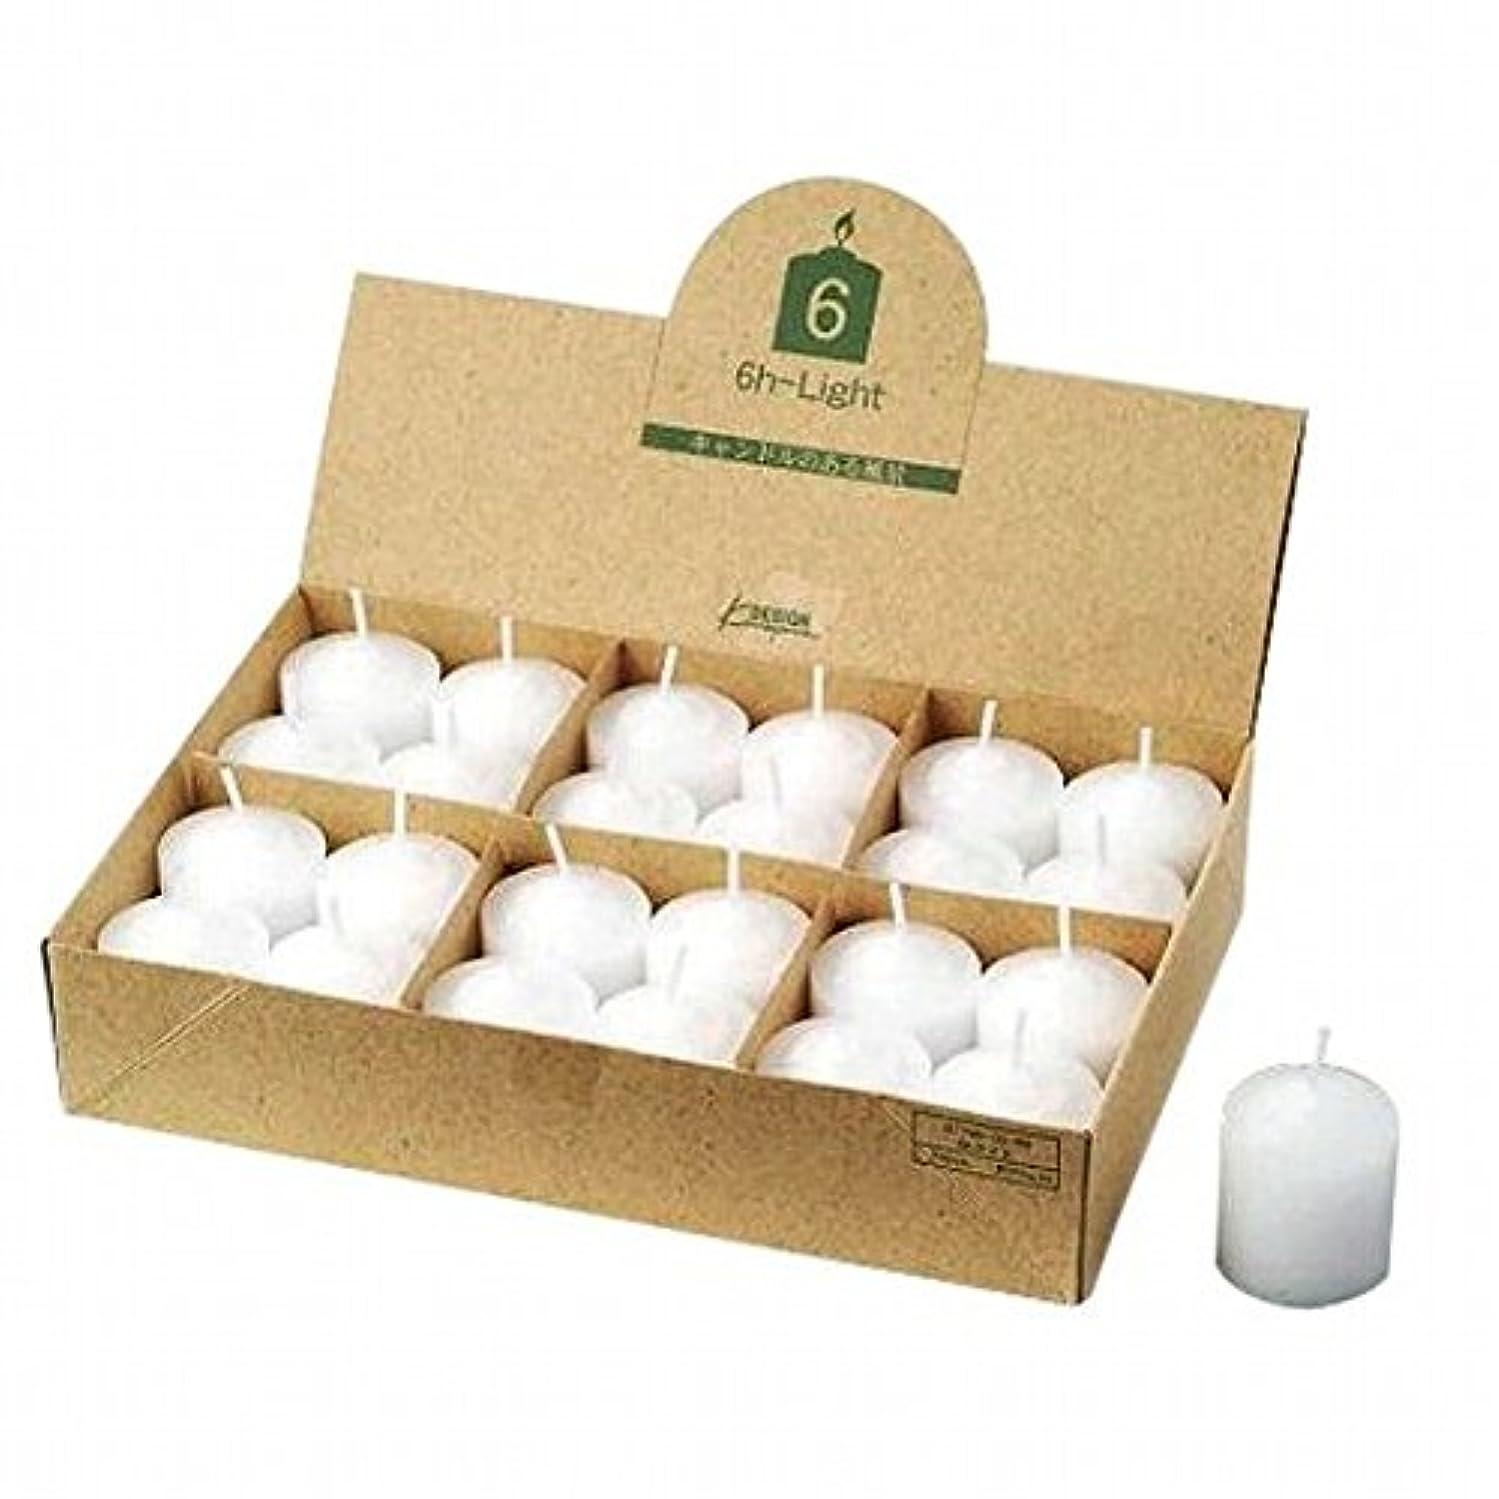 写真アーチ可能kameyama candle(カメヤマキャンドル) 6Hライト(6時間タイプ)24個入り(日本製)(77960099)